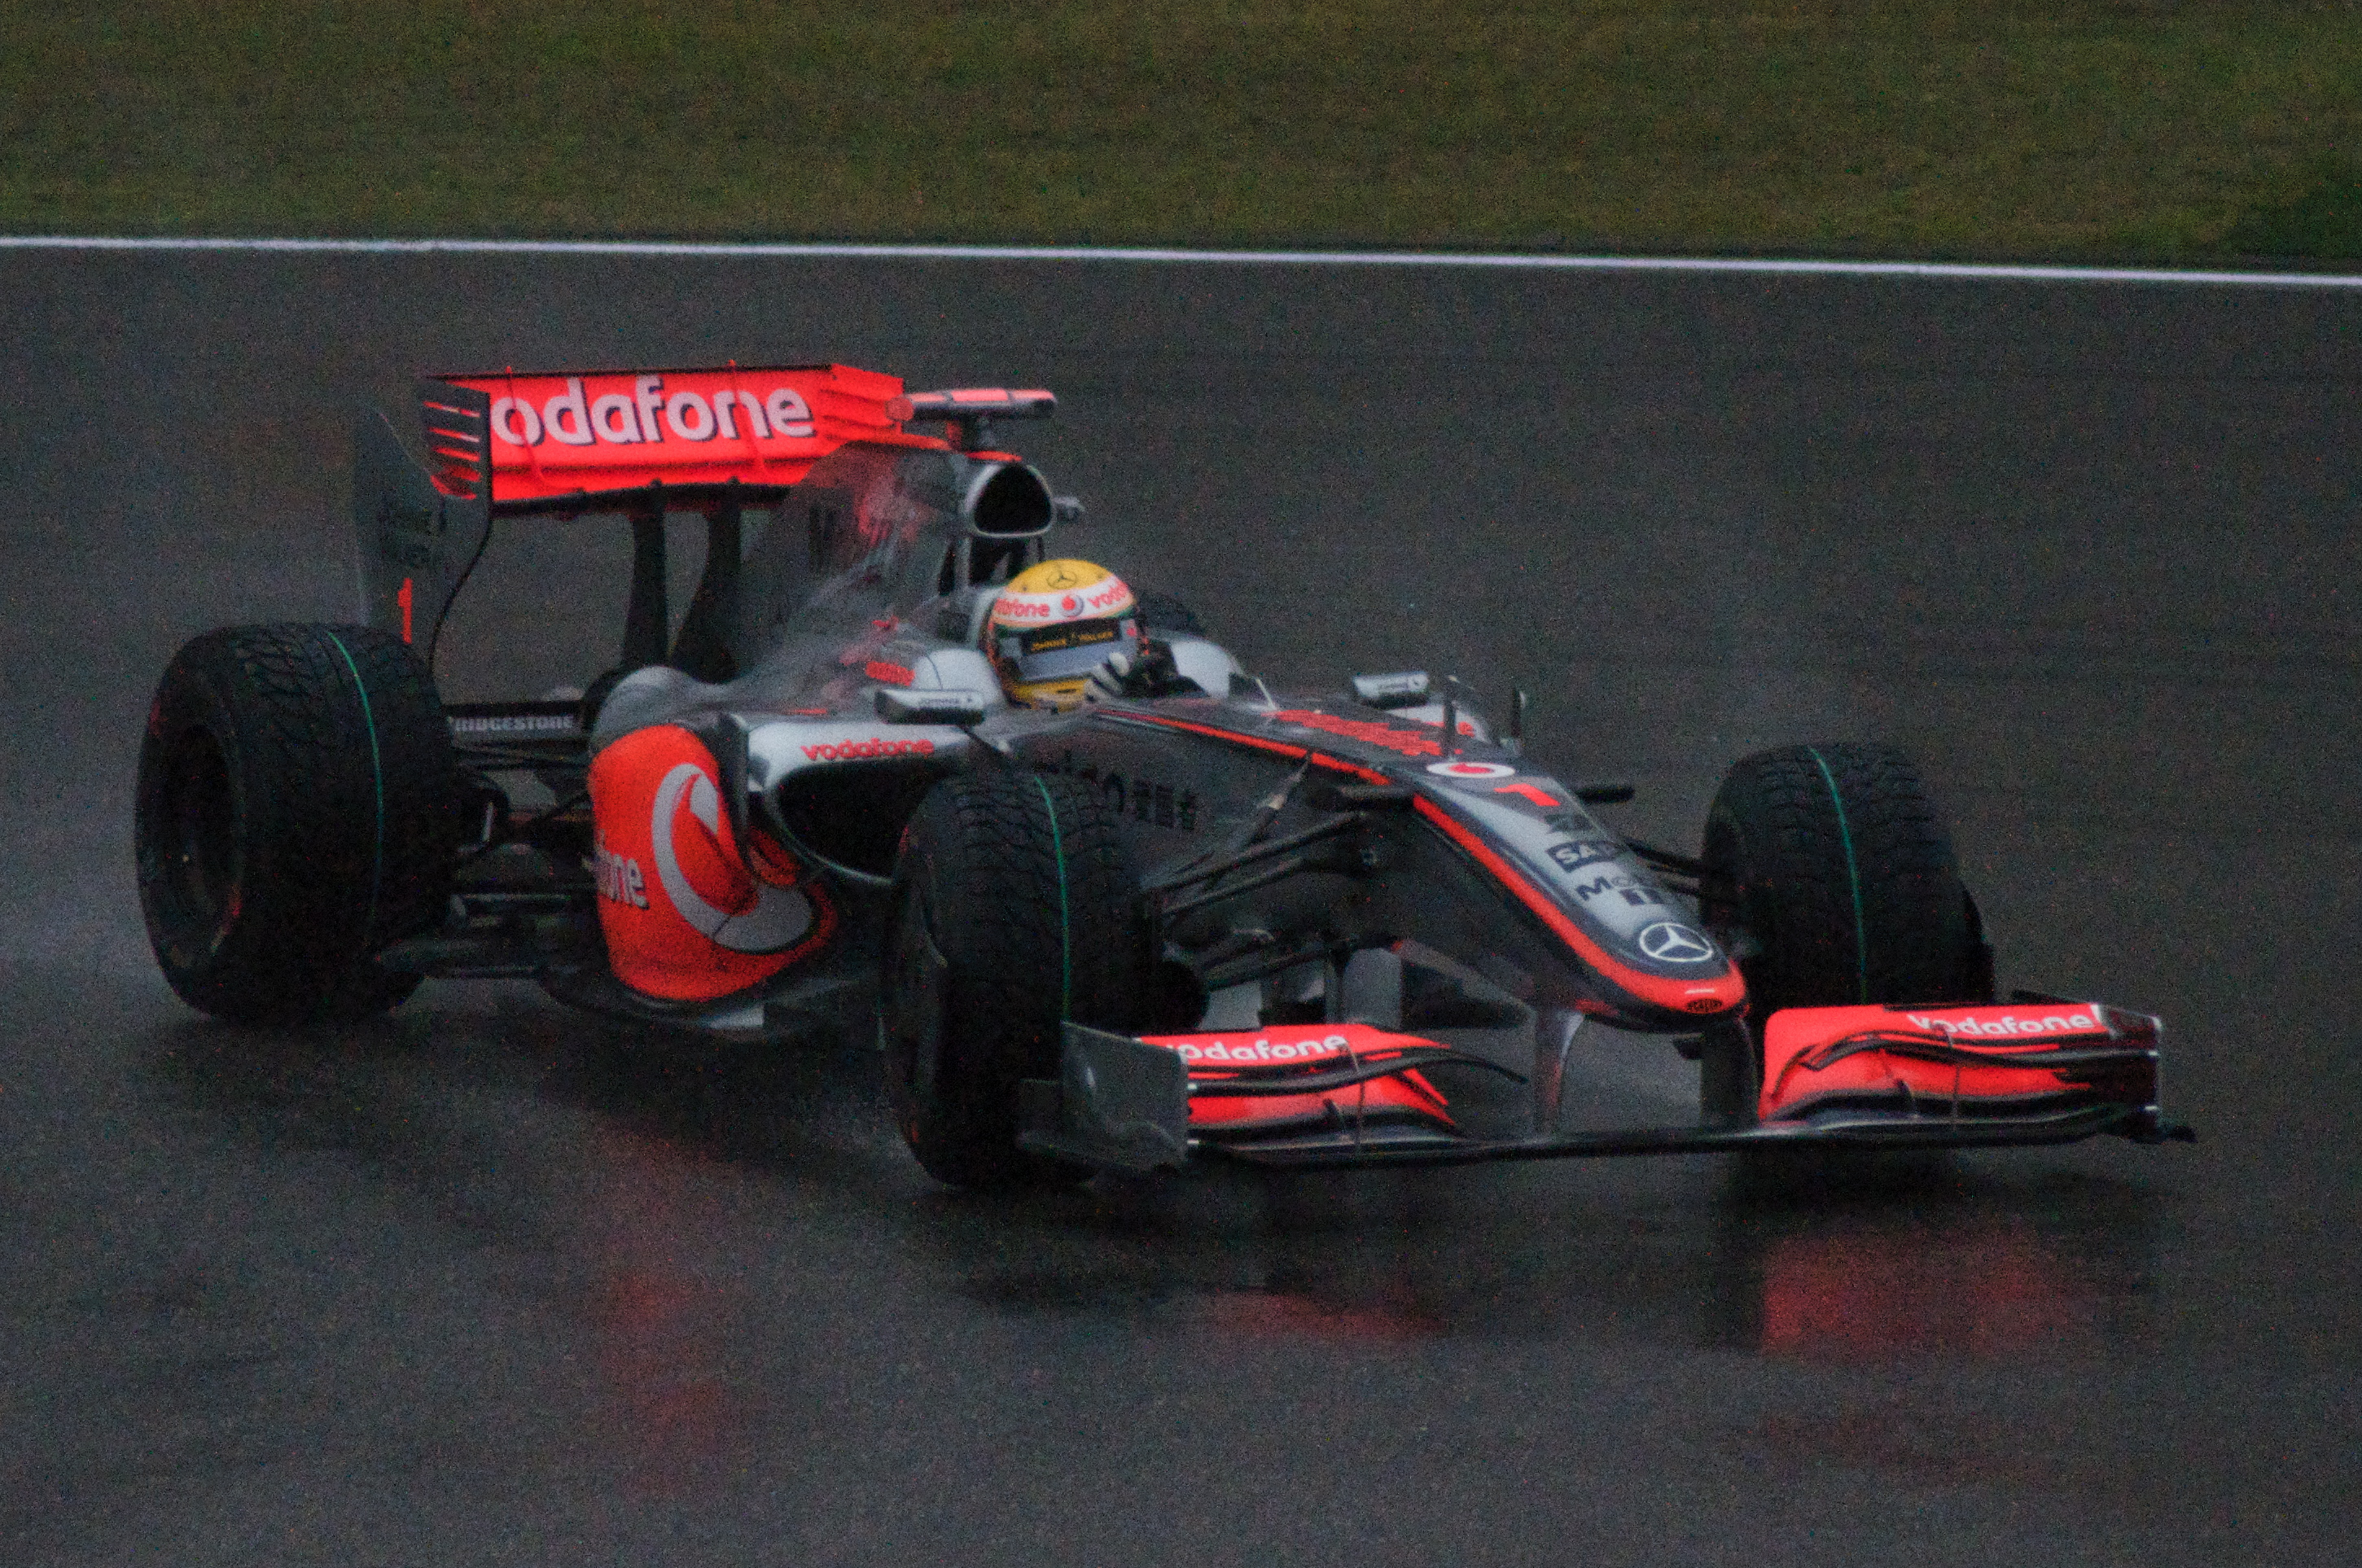 Lewis Hamilton 2009 File:lewis Hamilton 2009 China